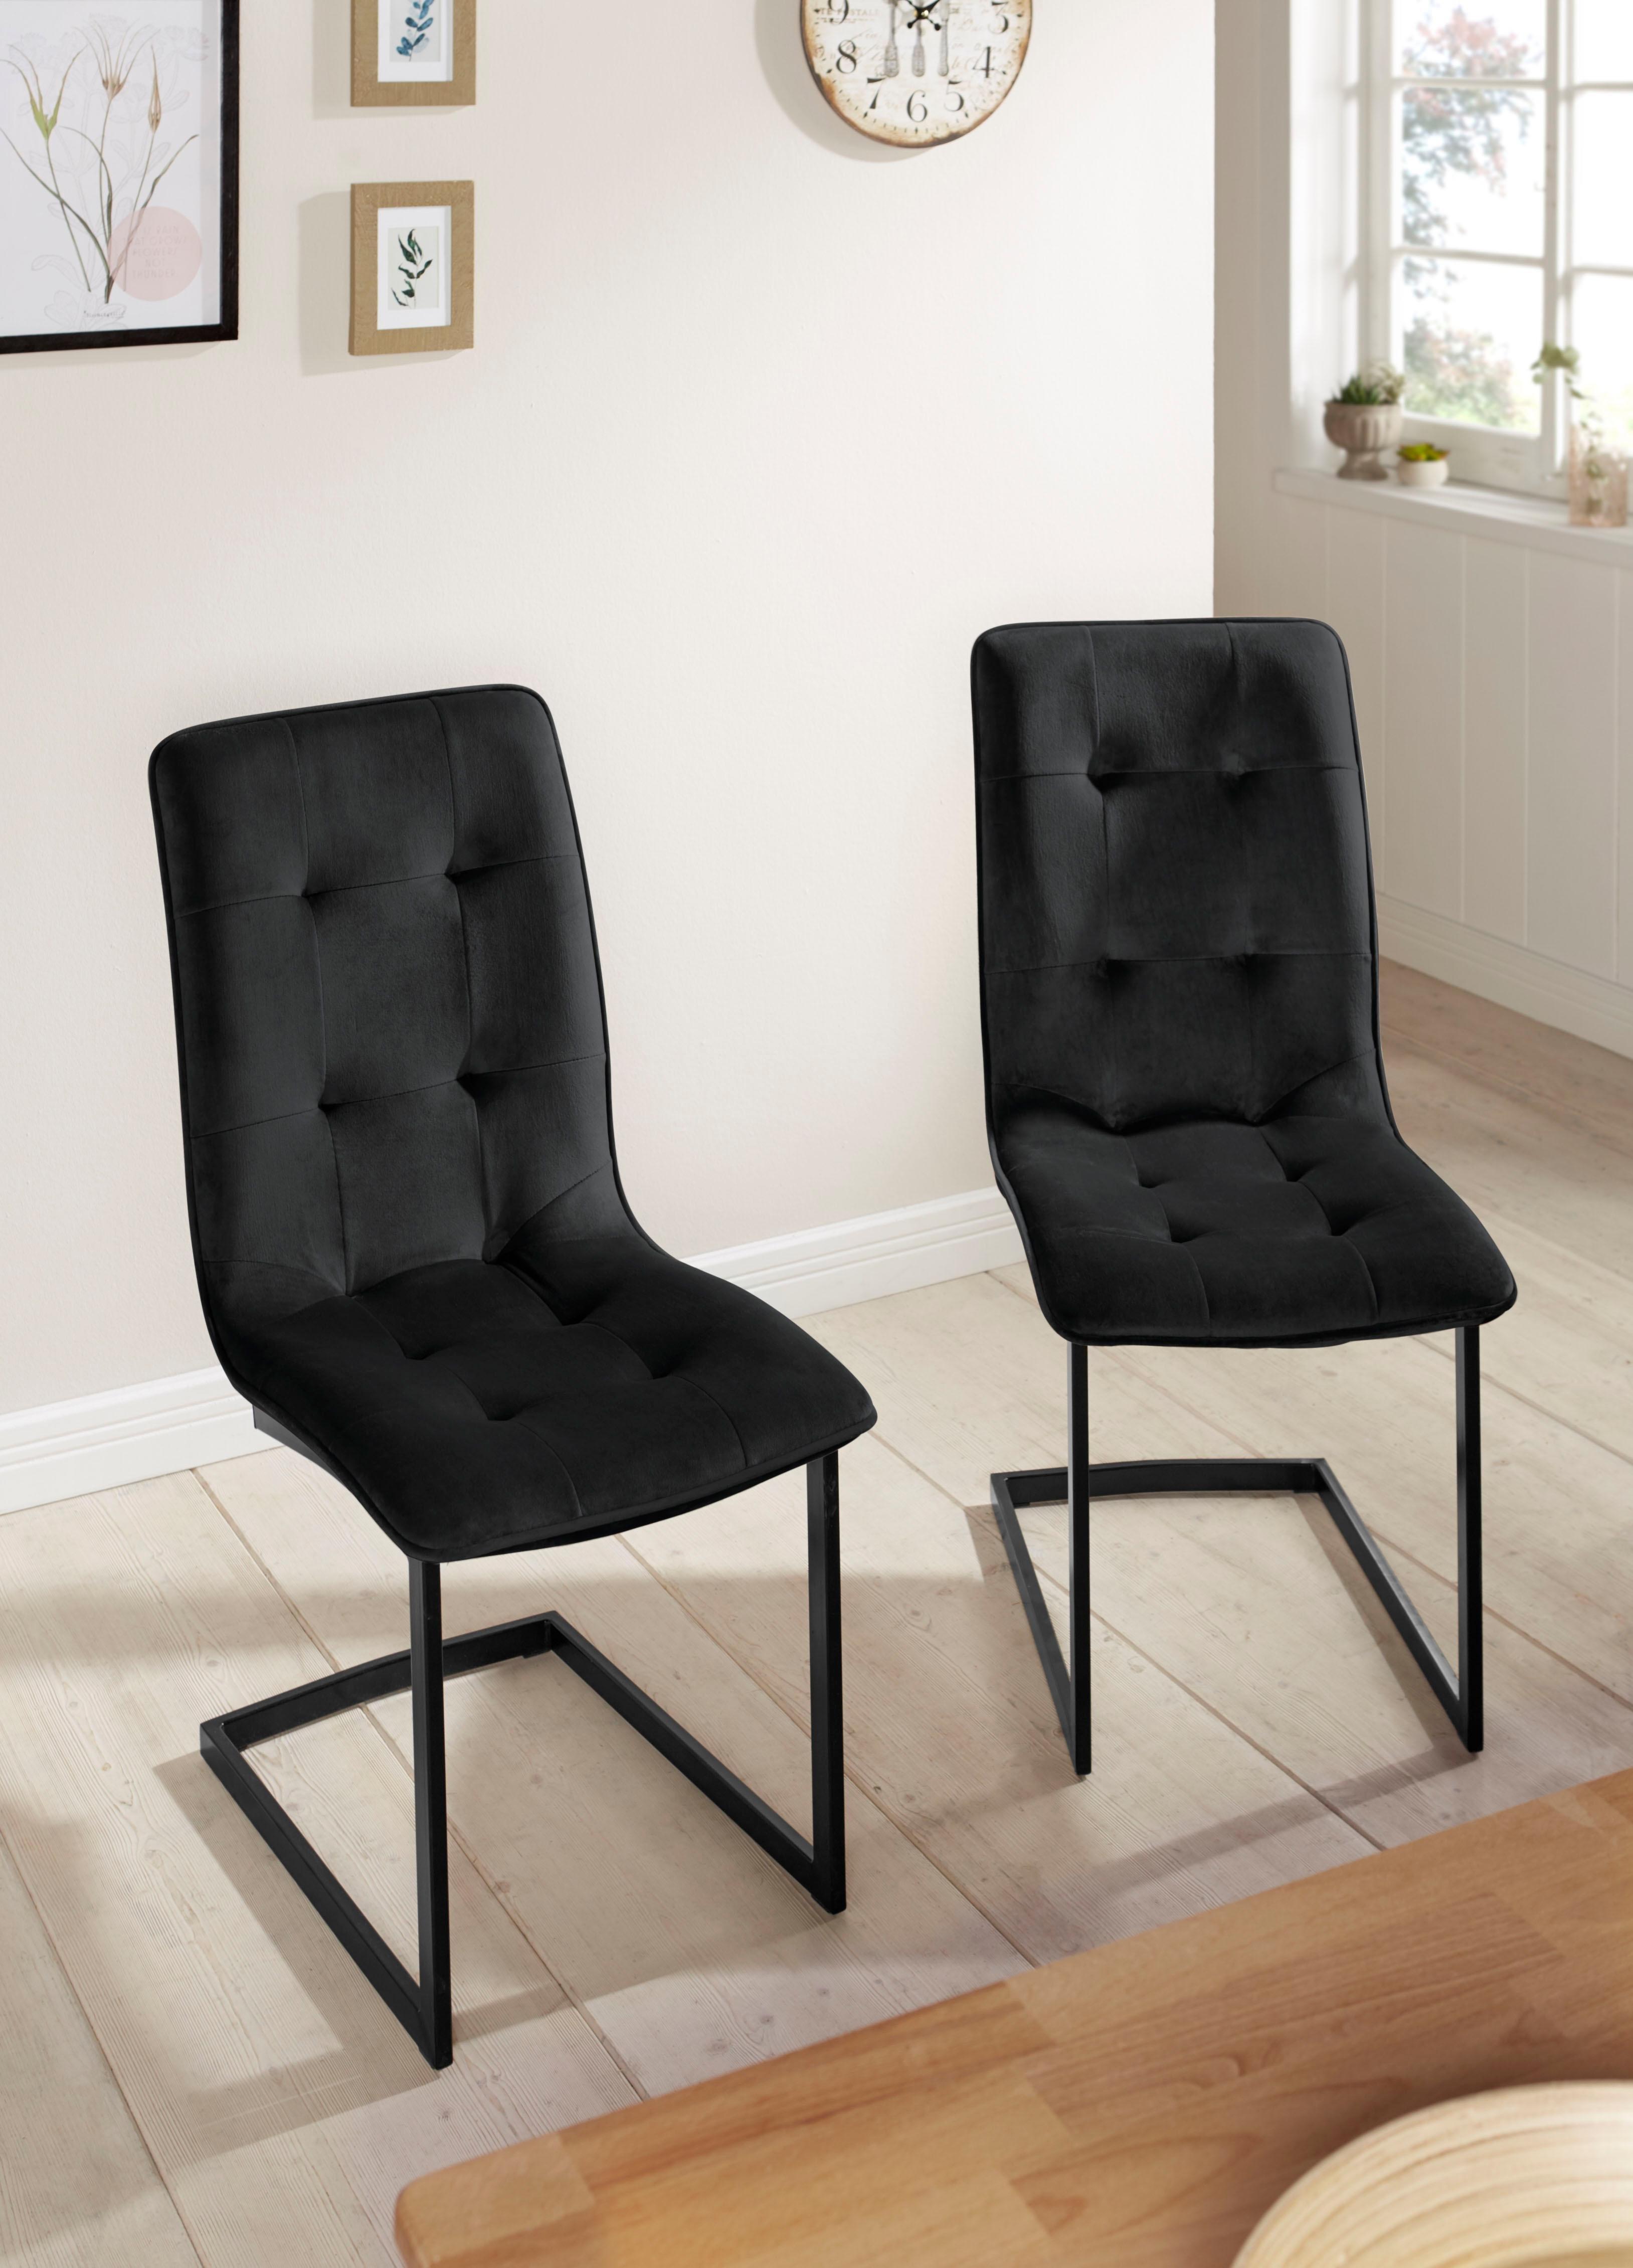 Vrijdragende stoel 'Ofelia' - gratis ruilen op otto.nl